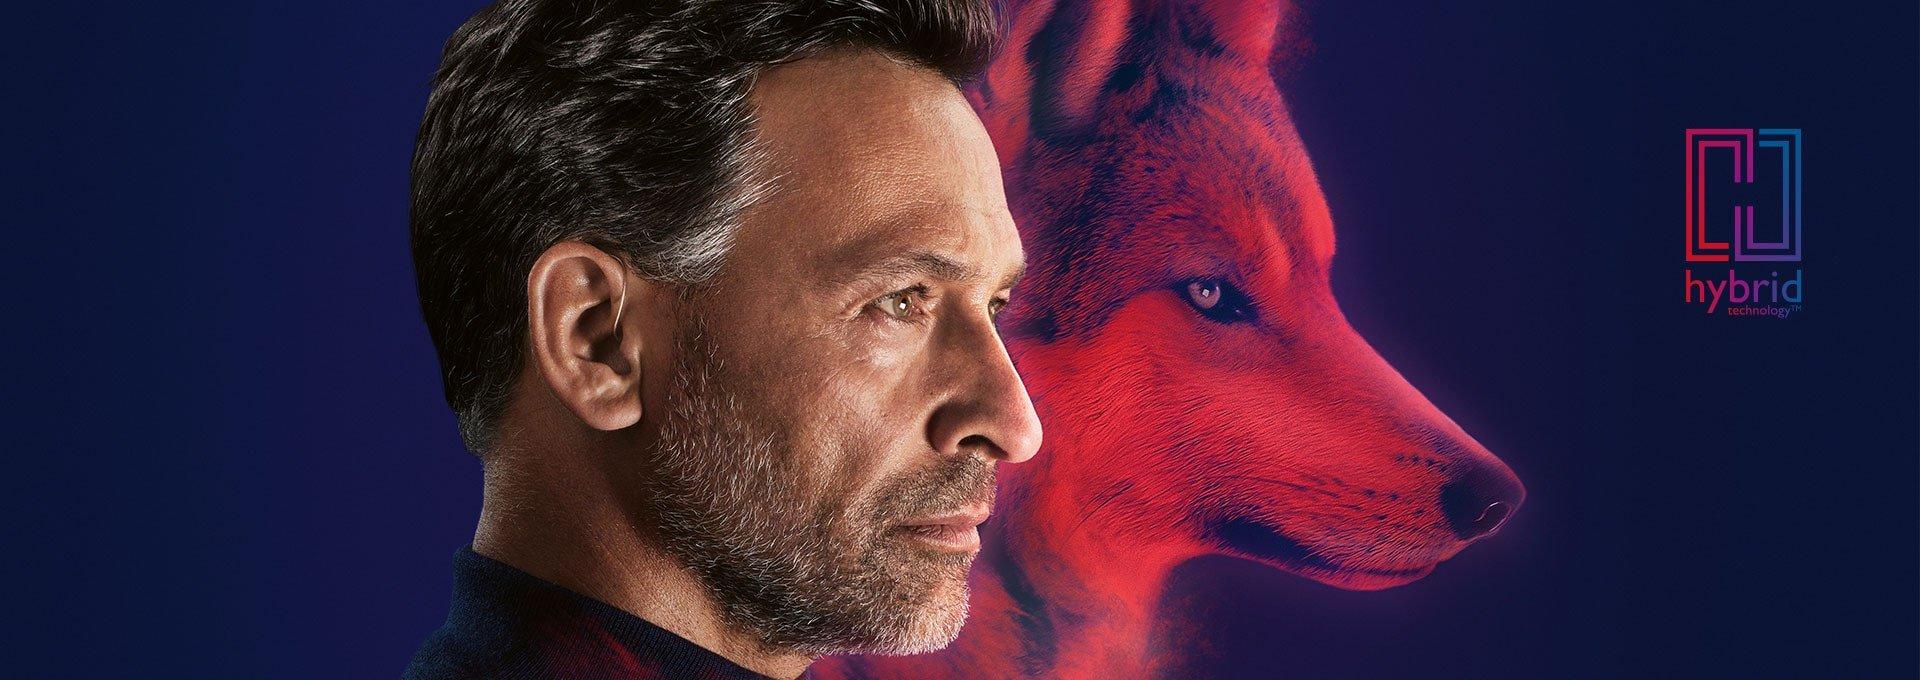 Hombre con perfil lateral fuerte usando audífonos recargables Bernafon Alpha junto al dibujo de un lobo y el logo de la tecnología híbrida